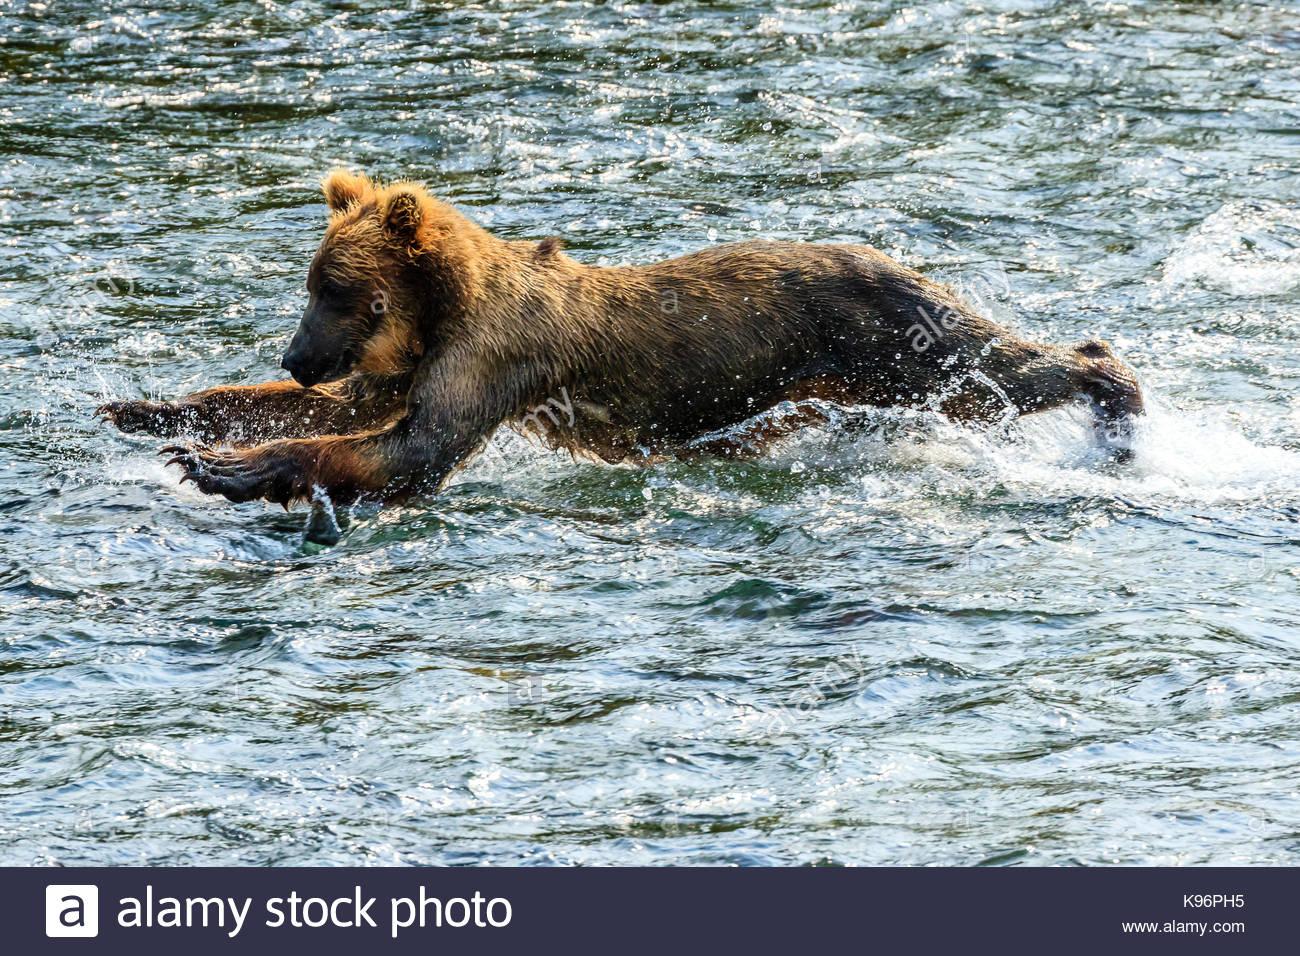 Yearling oso pardo, Ursus arctos, la pesca del salmón a continuación Brooks Falls. Imagen De Stock